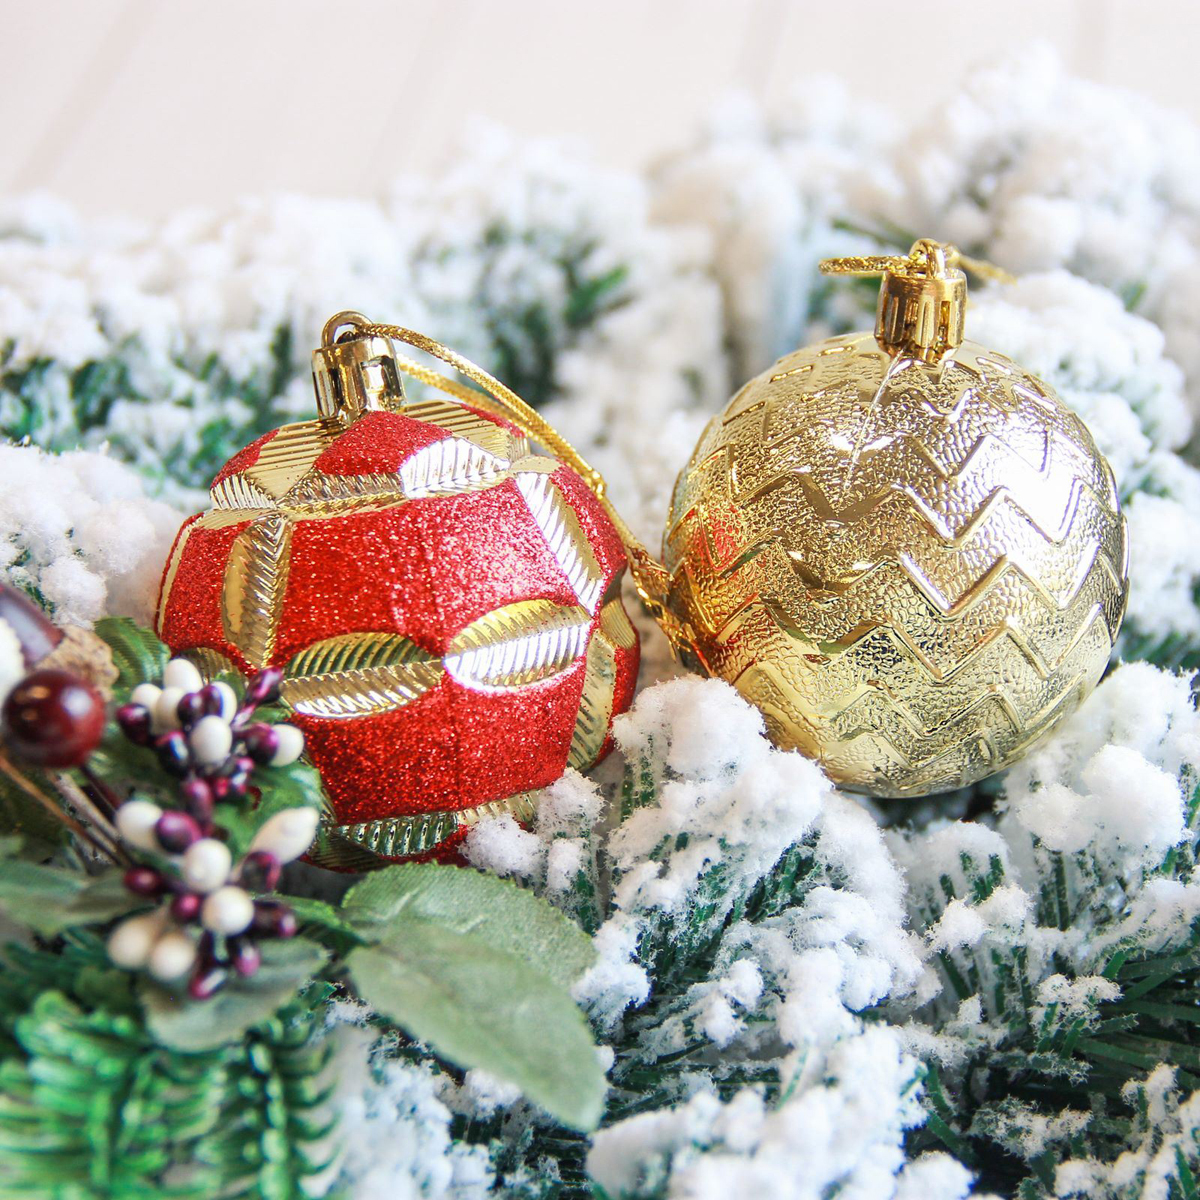 Набор новогодних подвесных украшений Sima-land Аллегро, цвет: желтый, диаметр 6 см, 9 шт свеча ароматизированная sima land лимон на подставке высота 6 см